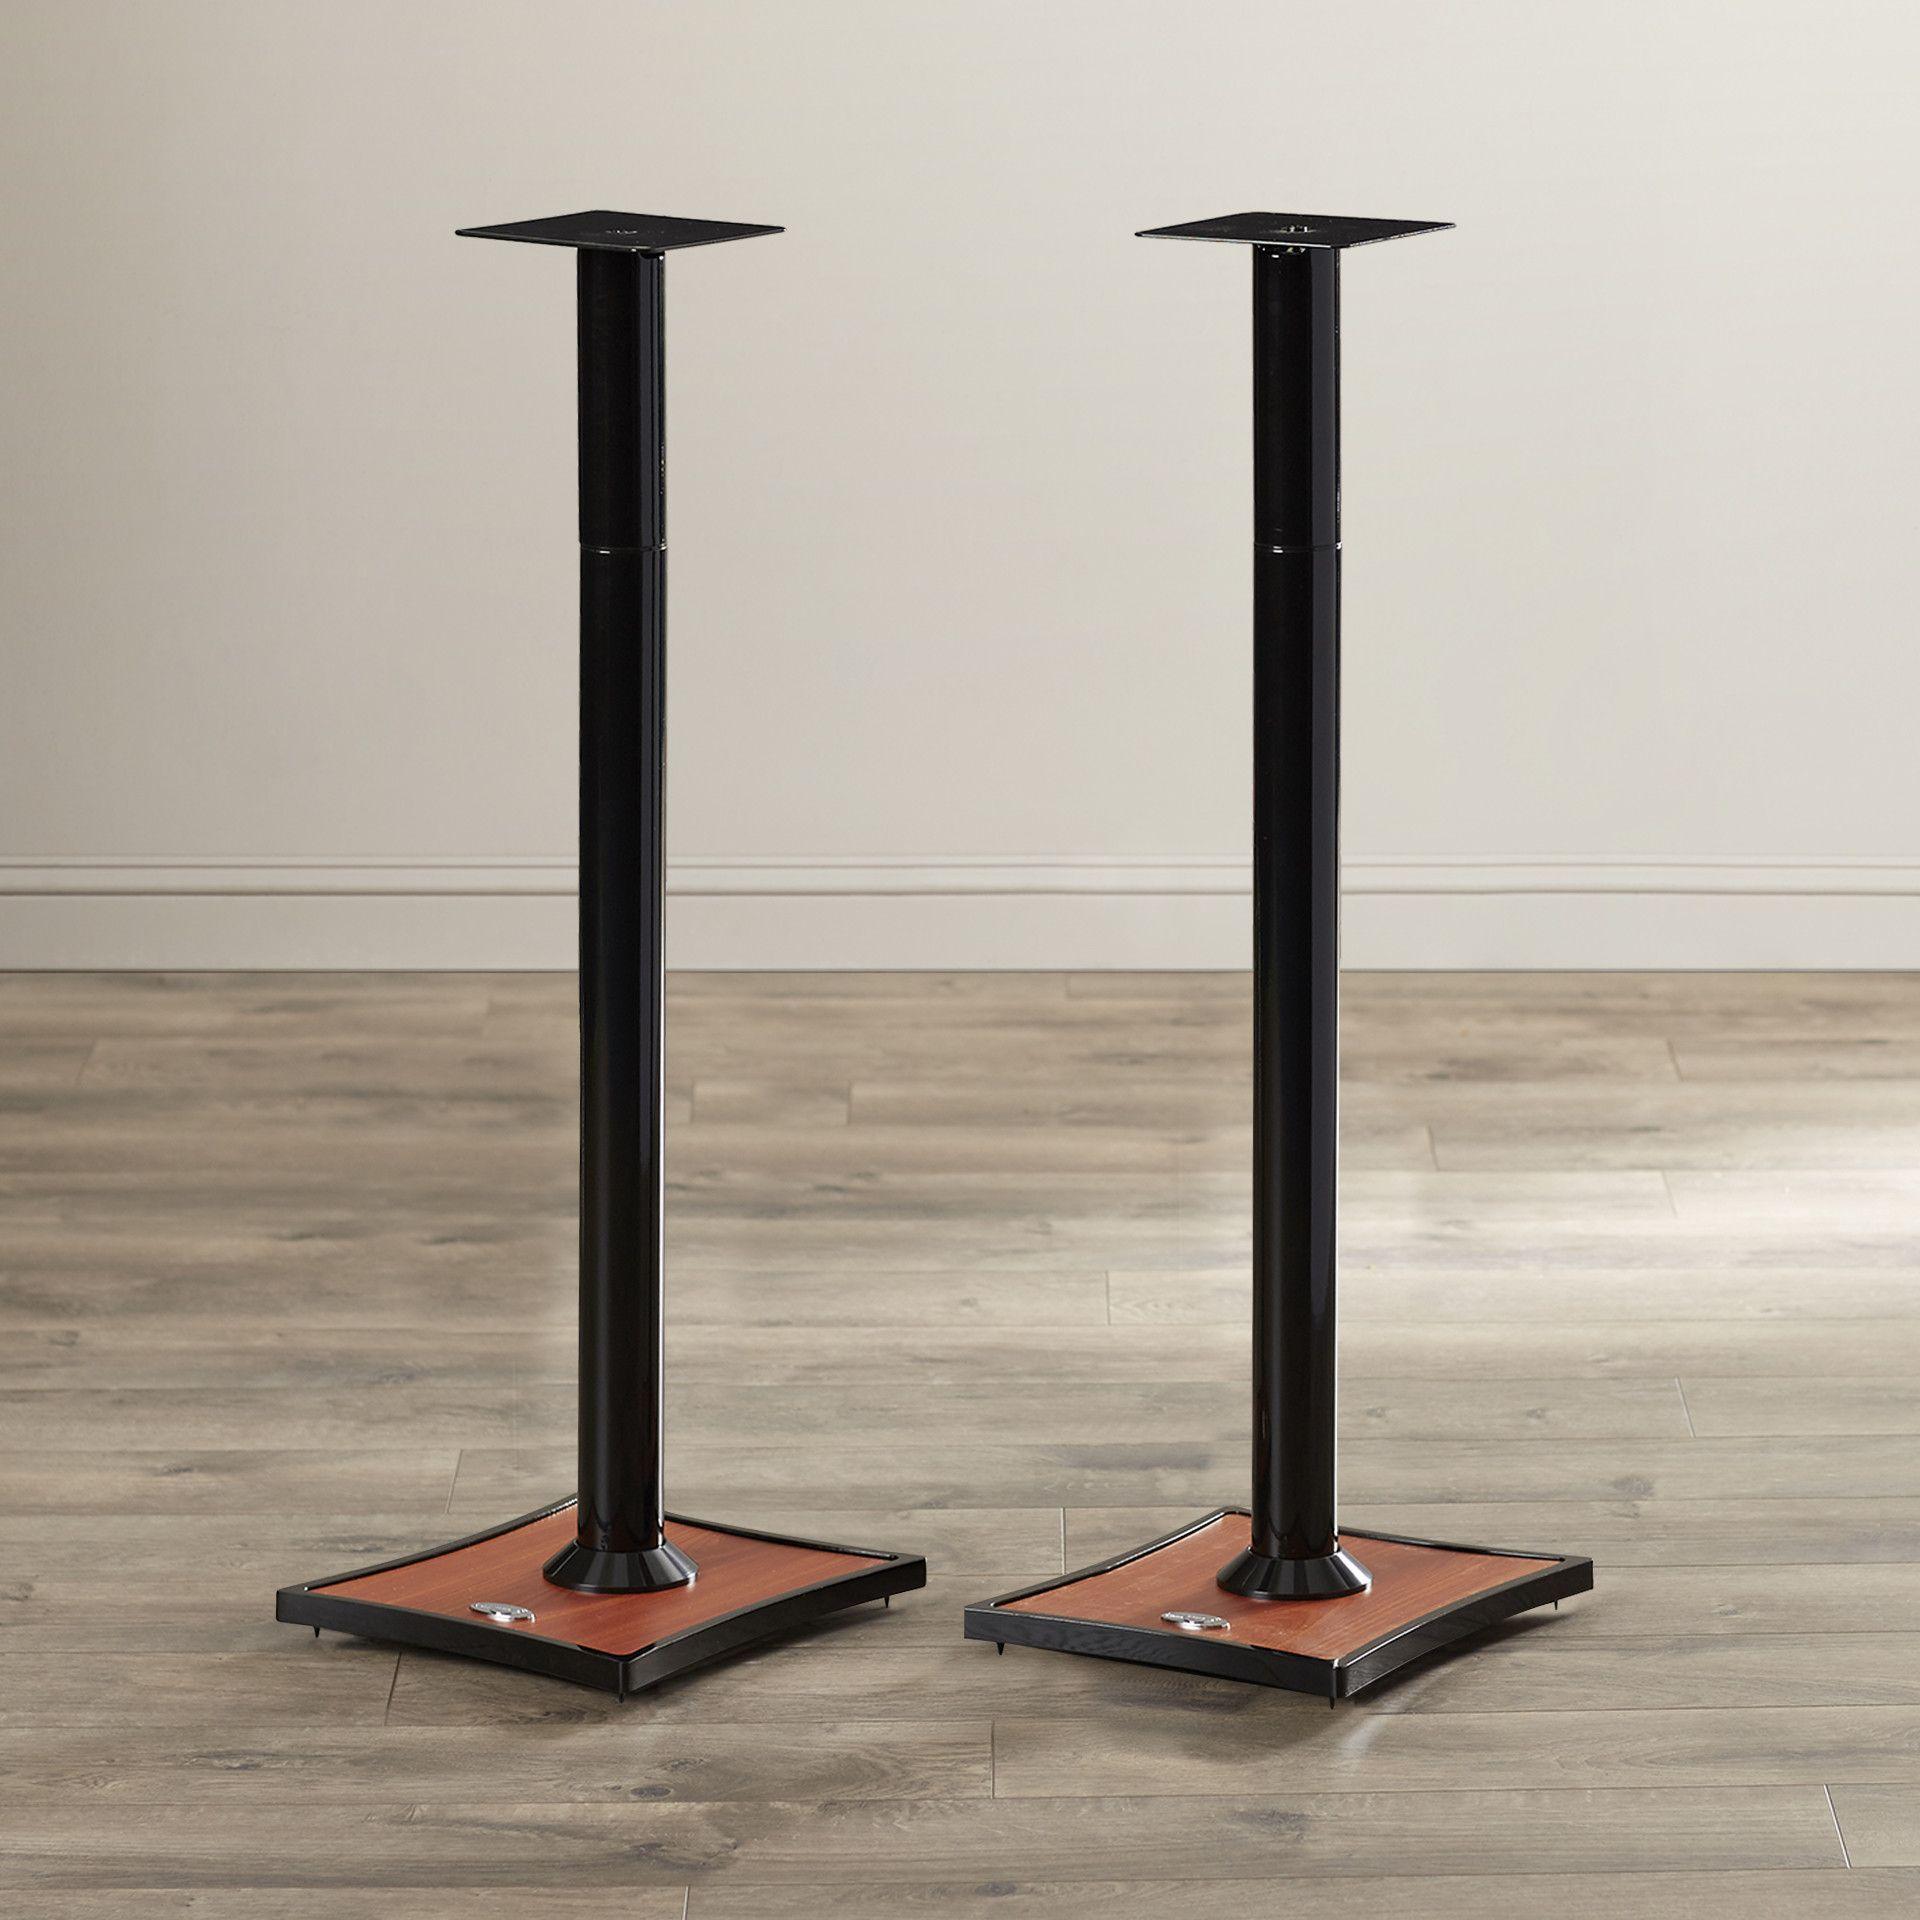 omnimount gemini series adjustable bookshelf speaker stand | speaker